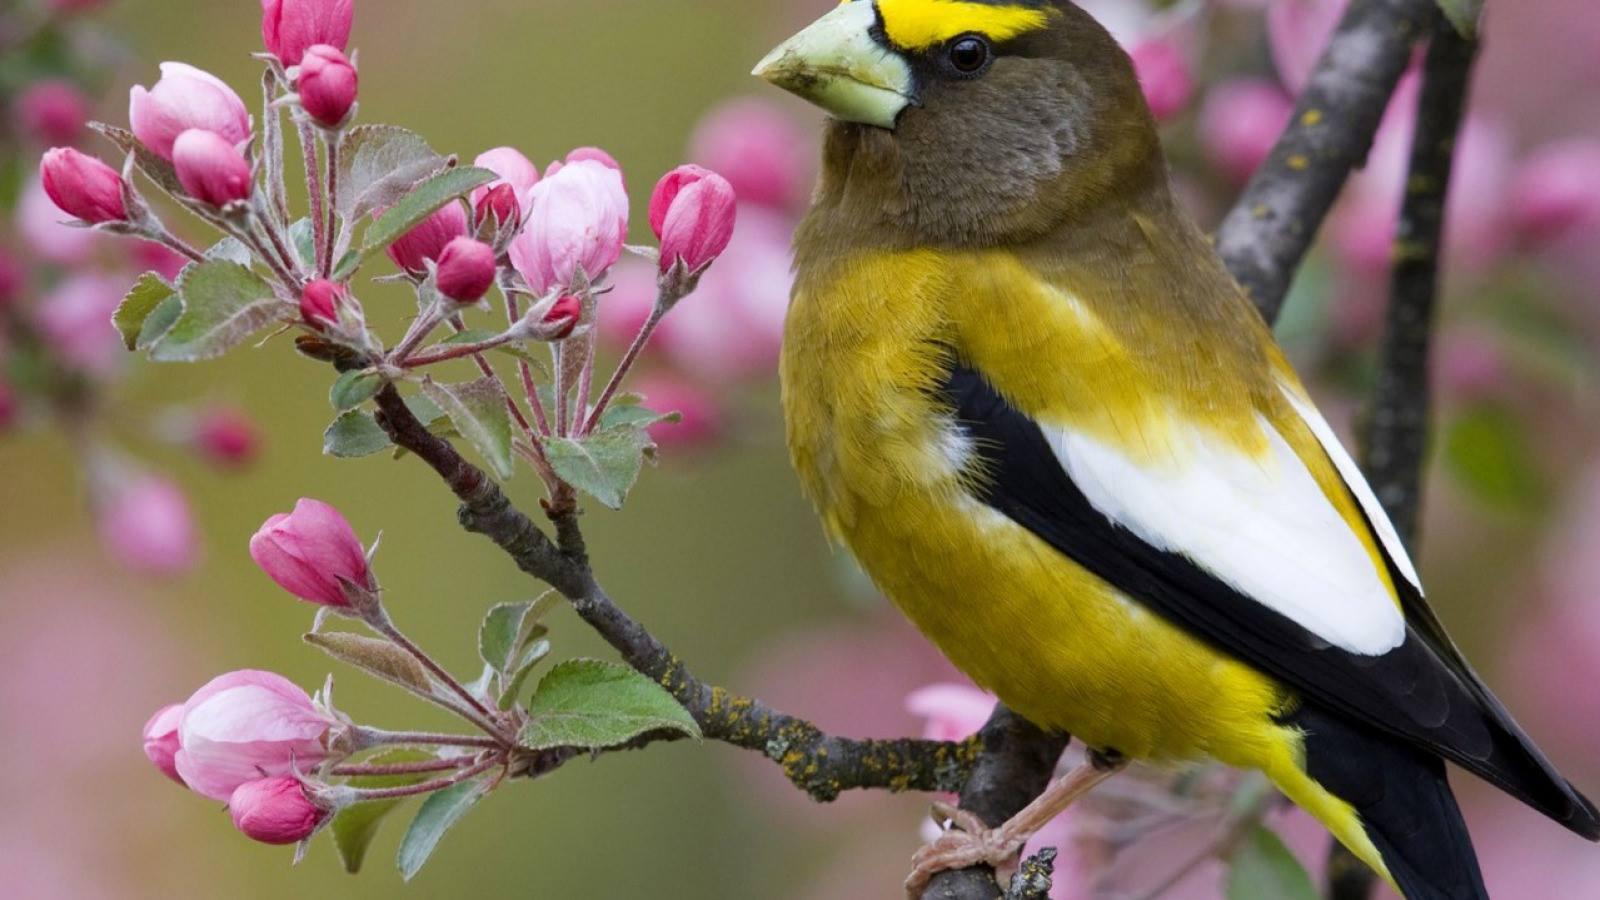 Cảm nhận về bài thơ Mùa xuân nho nhỏ của Thanh Hải